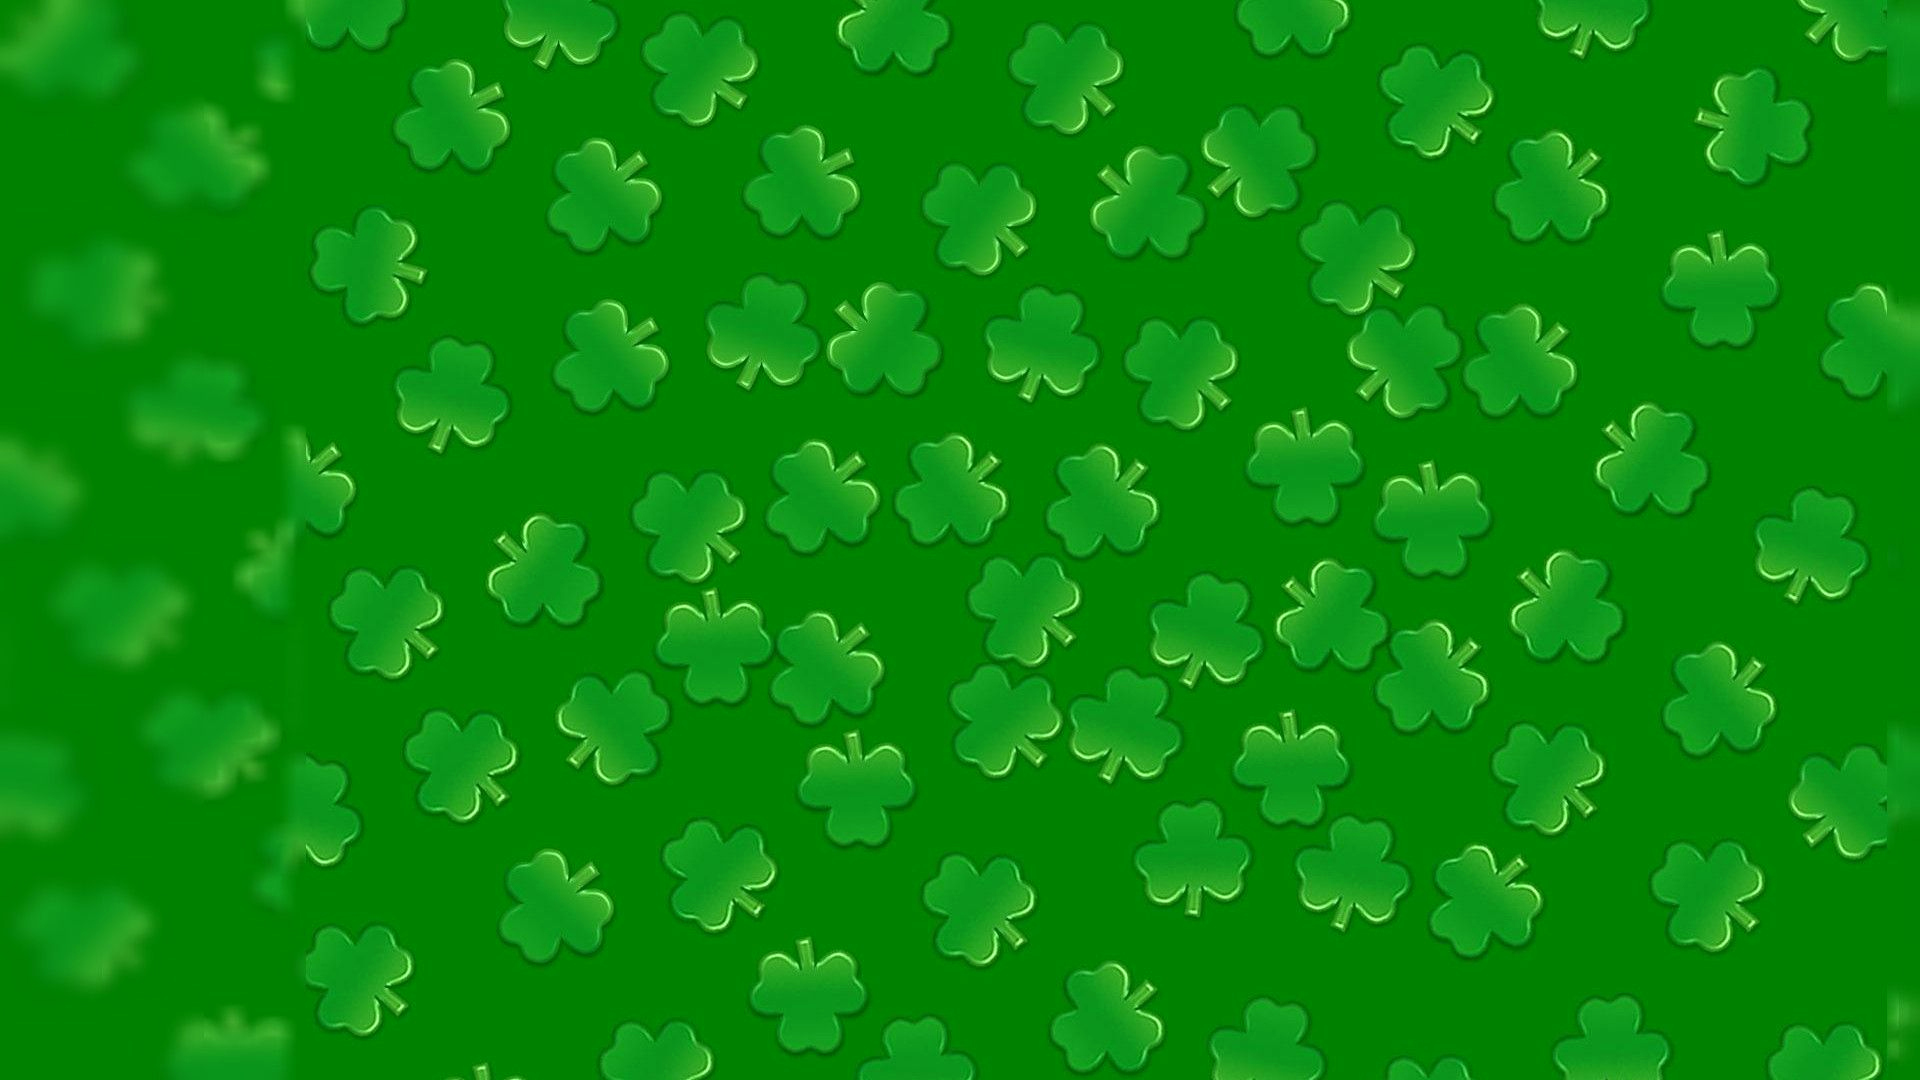 St Patricks Day Backgrounds New Backgrounds St Patricks Day 1920x1080